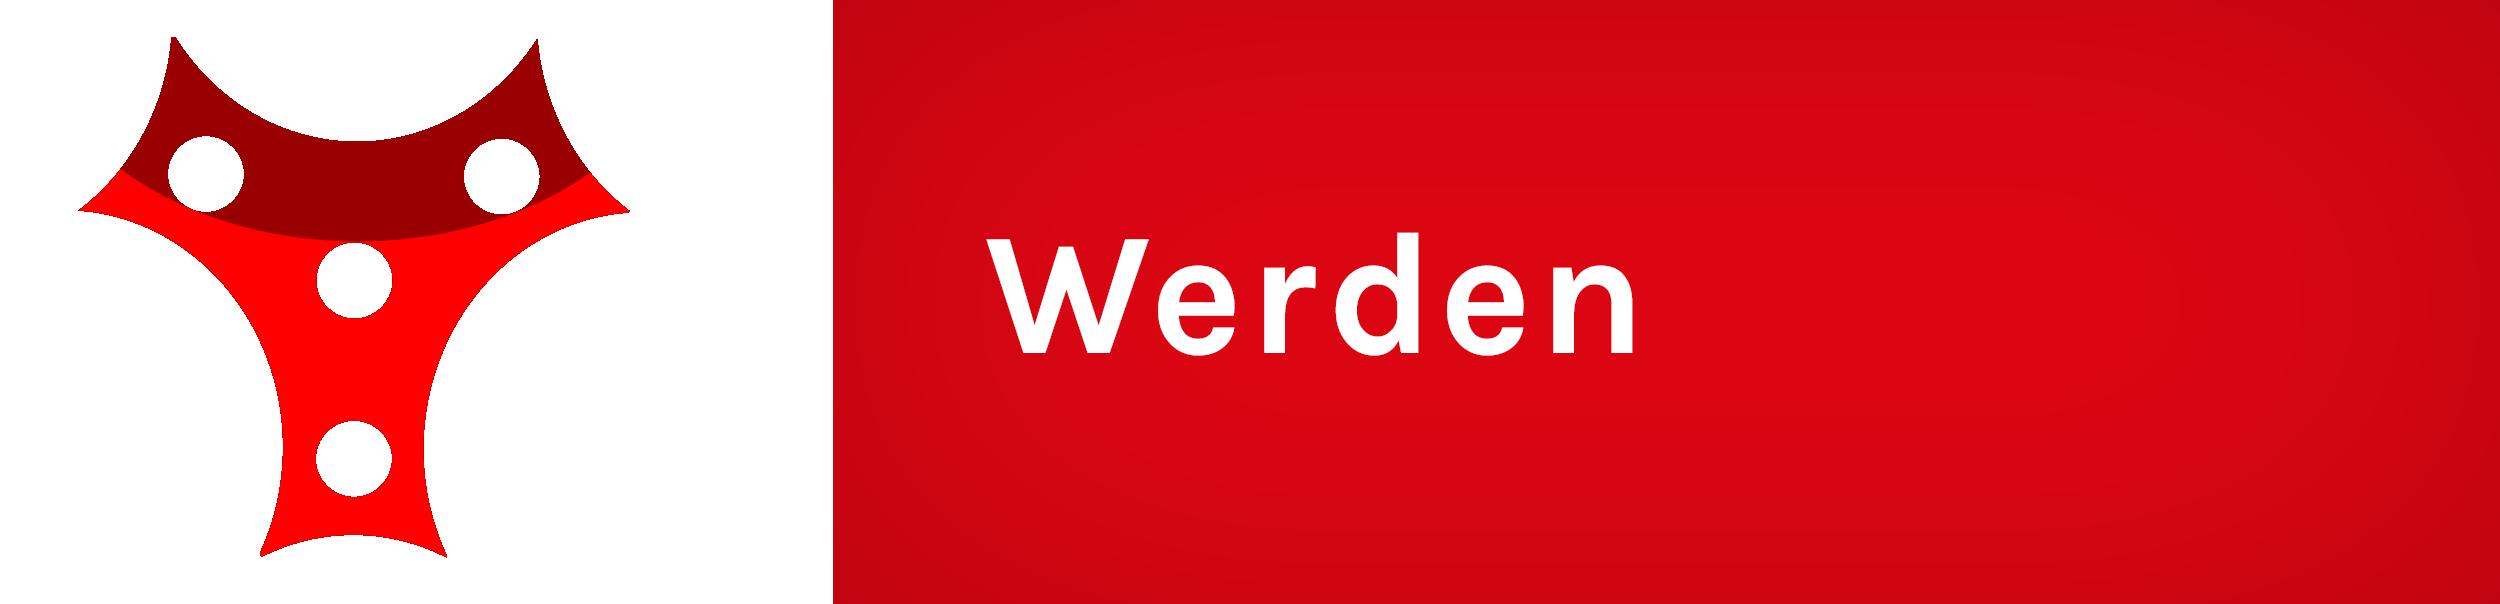 Banner für Werden